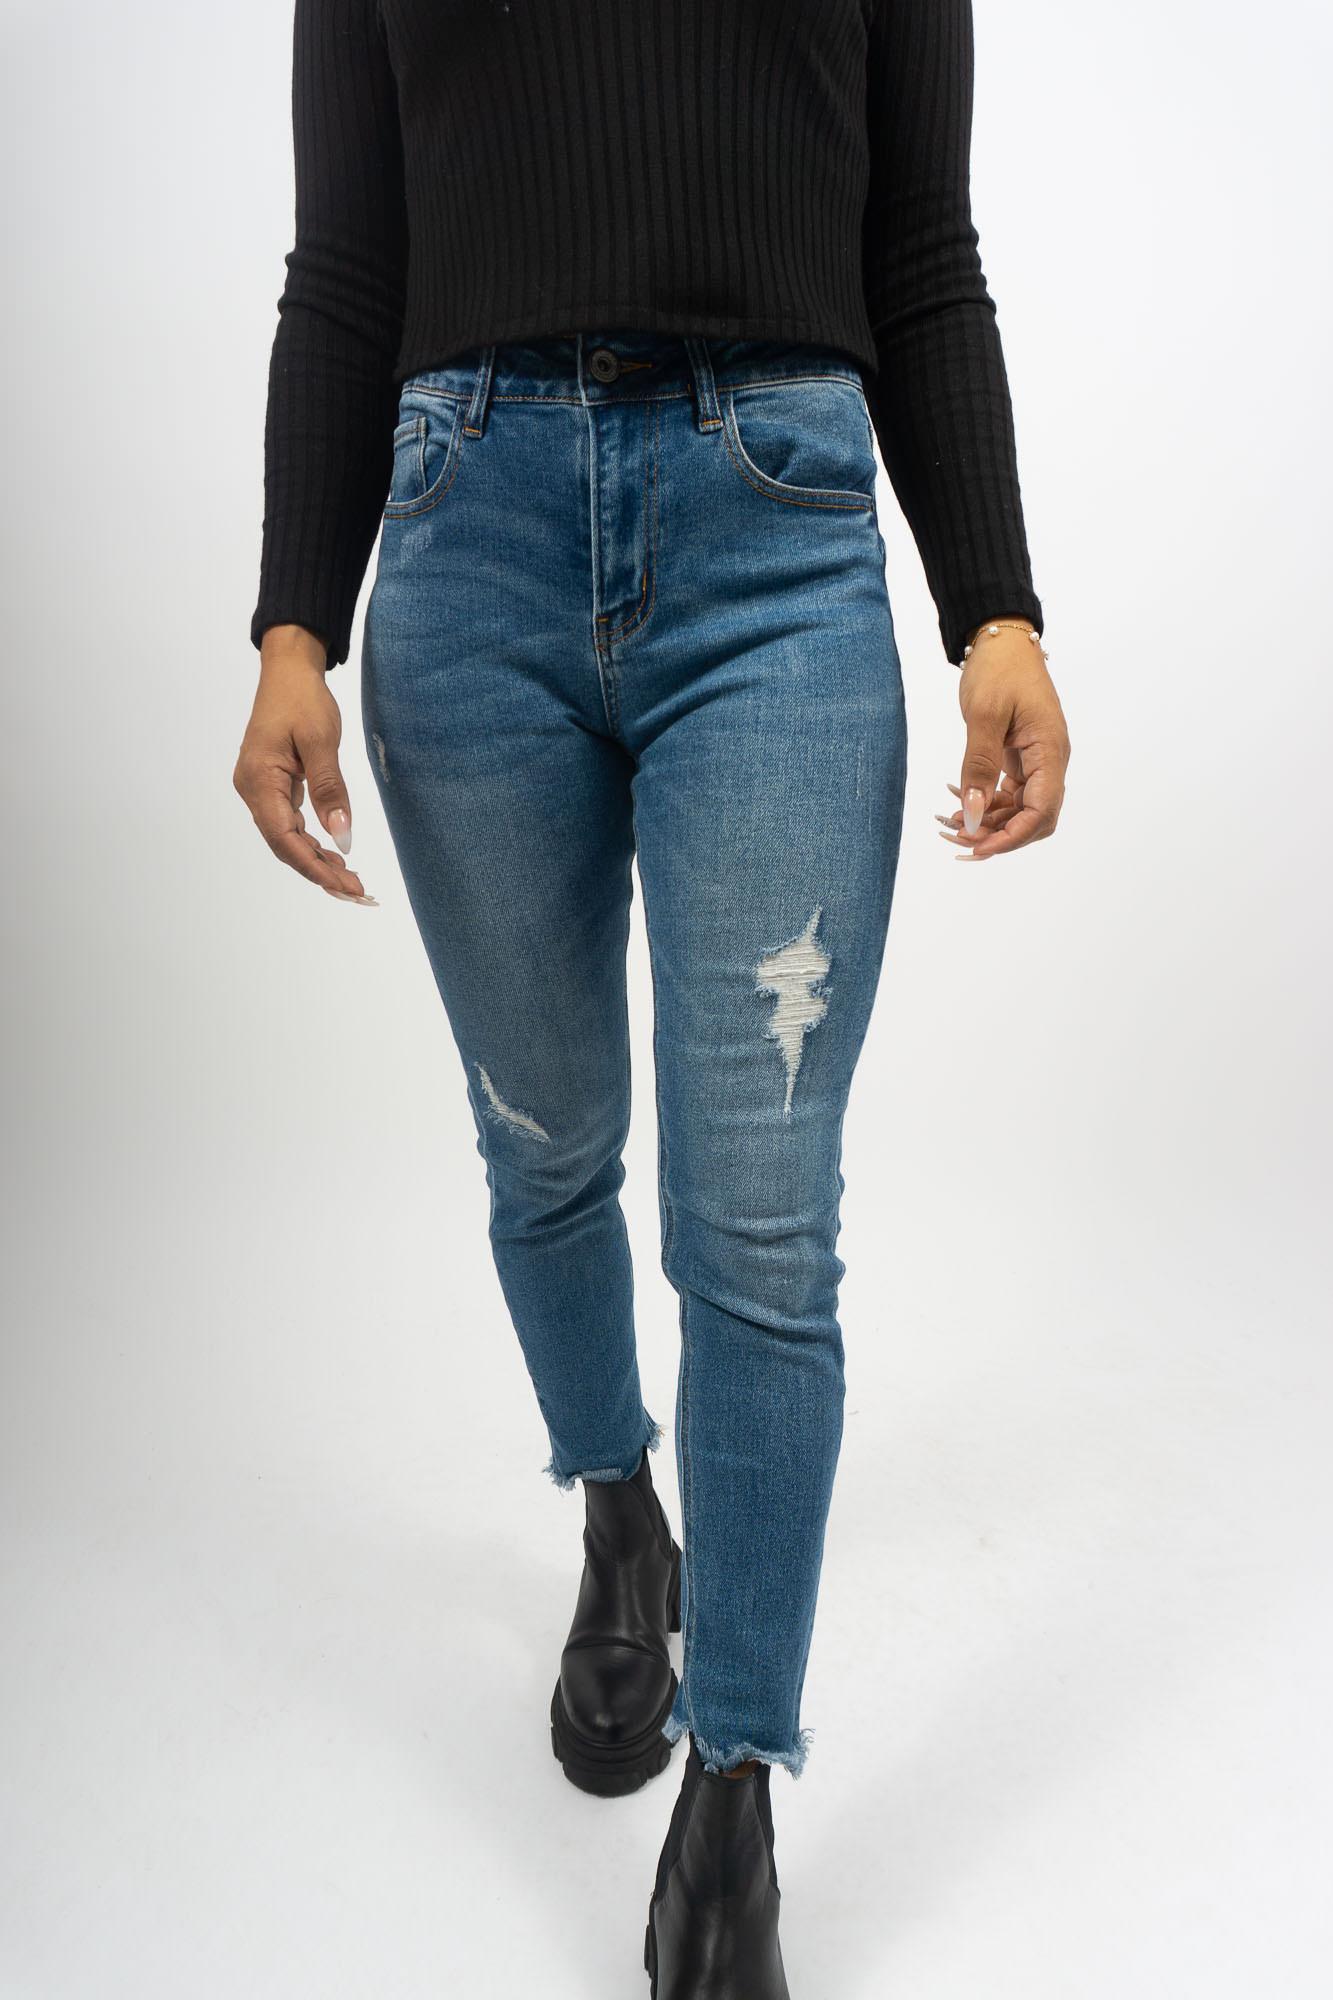 MiaZAYA Jeans Outcut